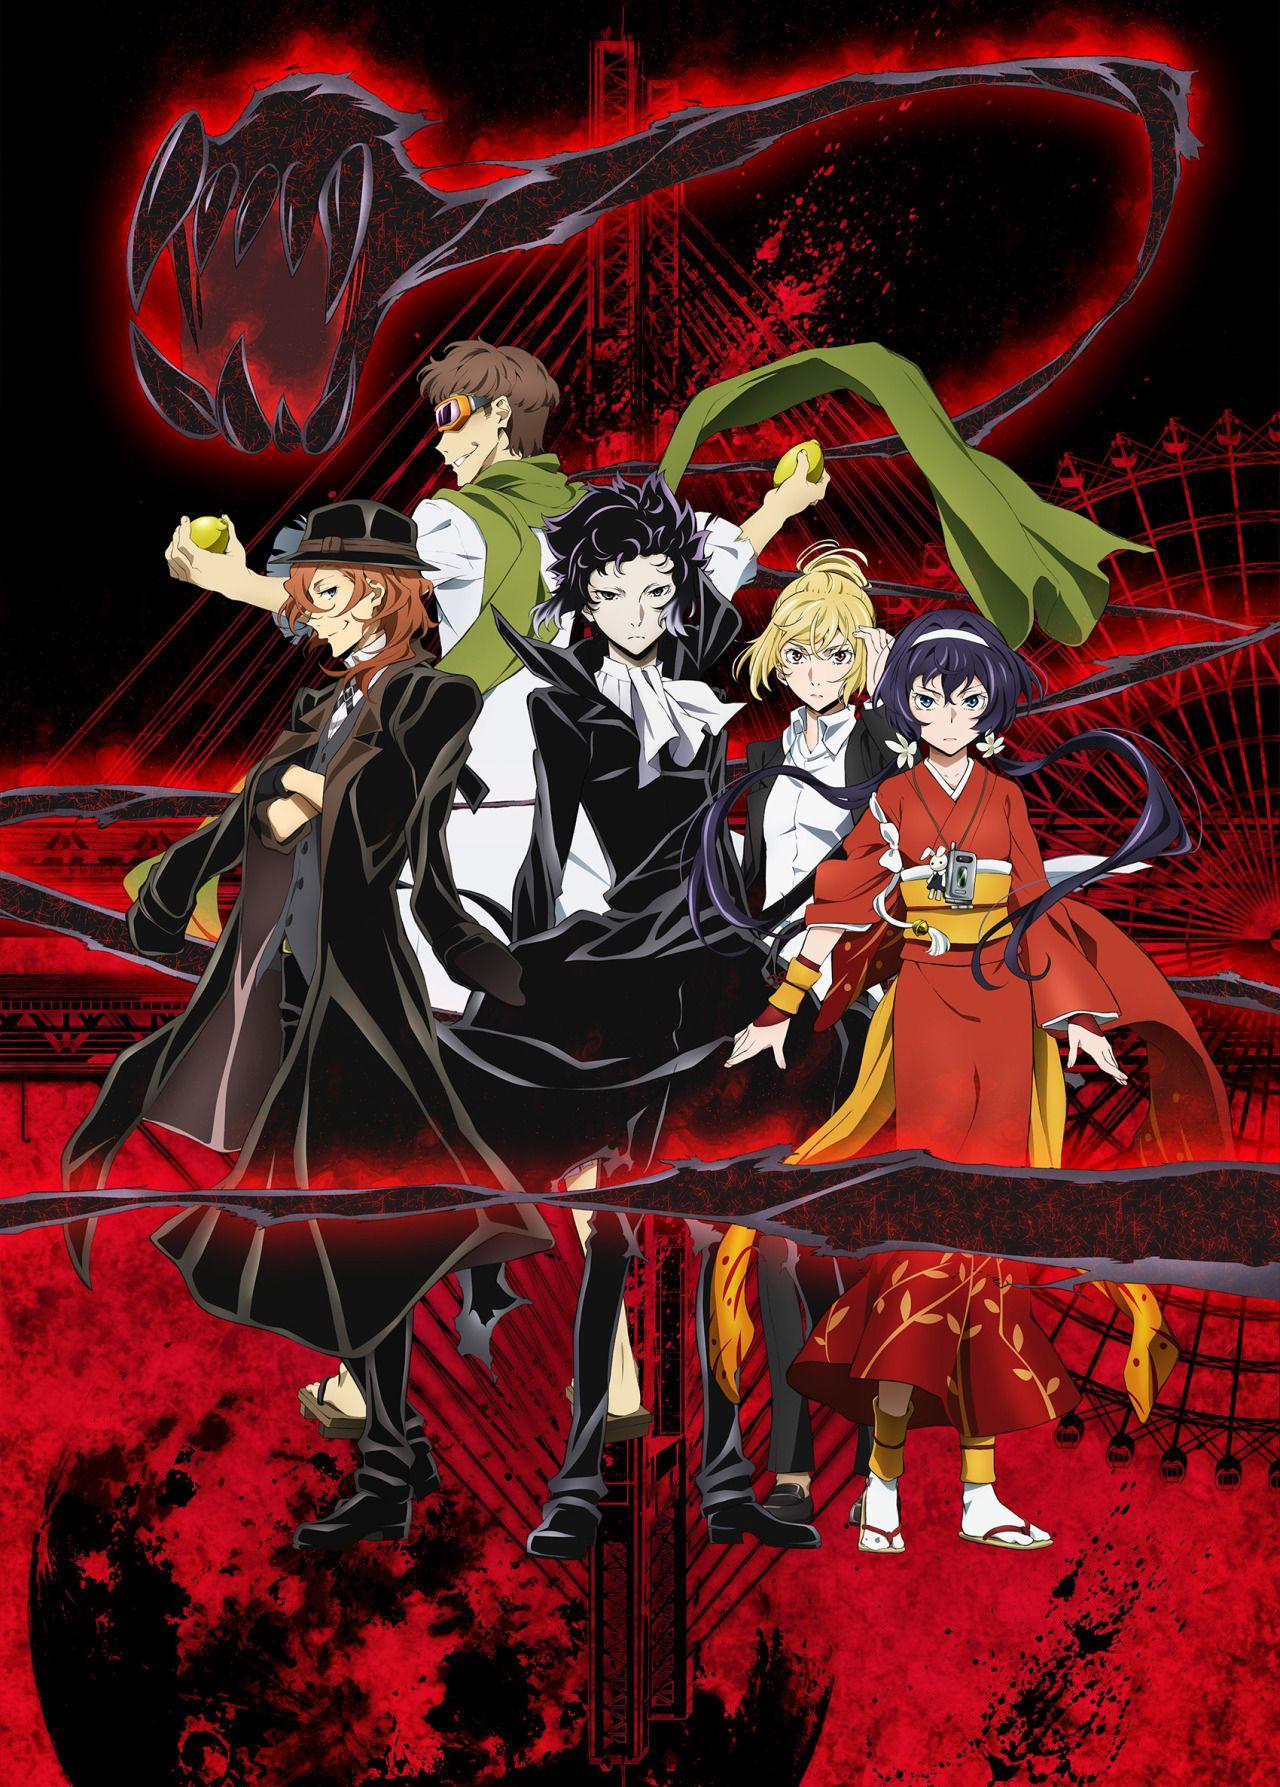 El Anime Bungo Stray Dogs tendrá doce episodios y una OVA